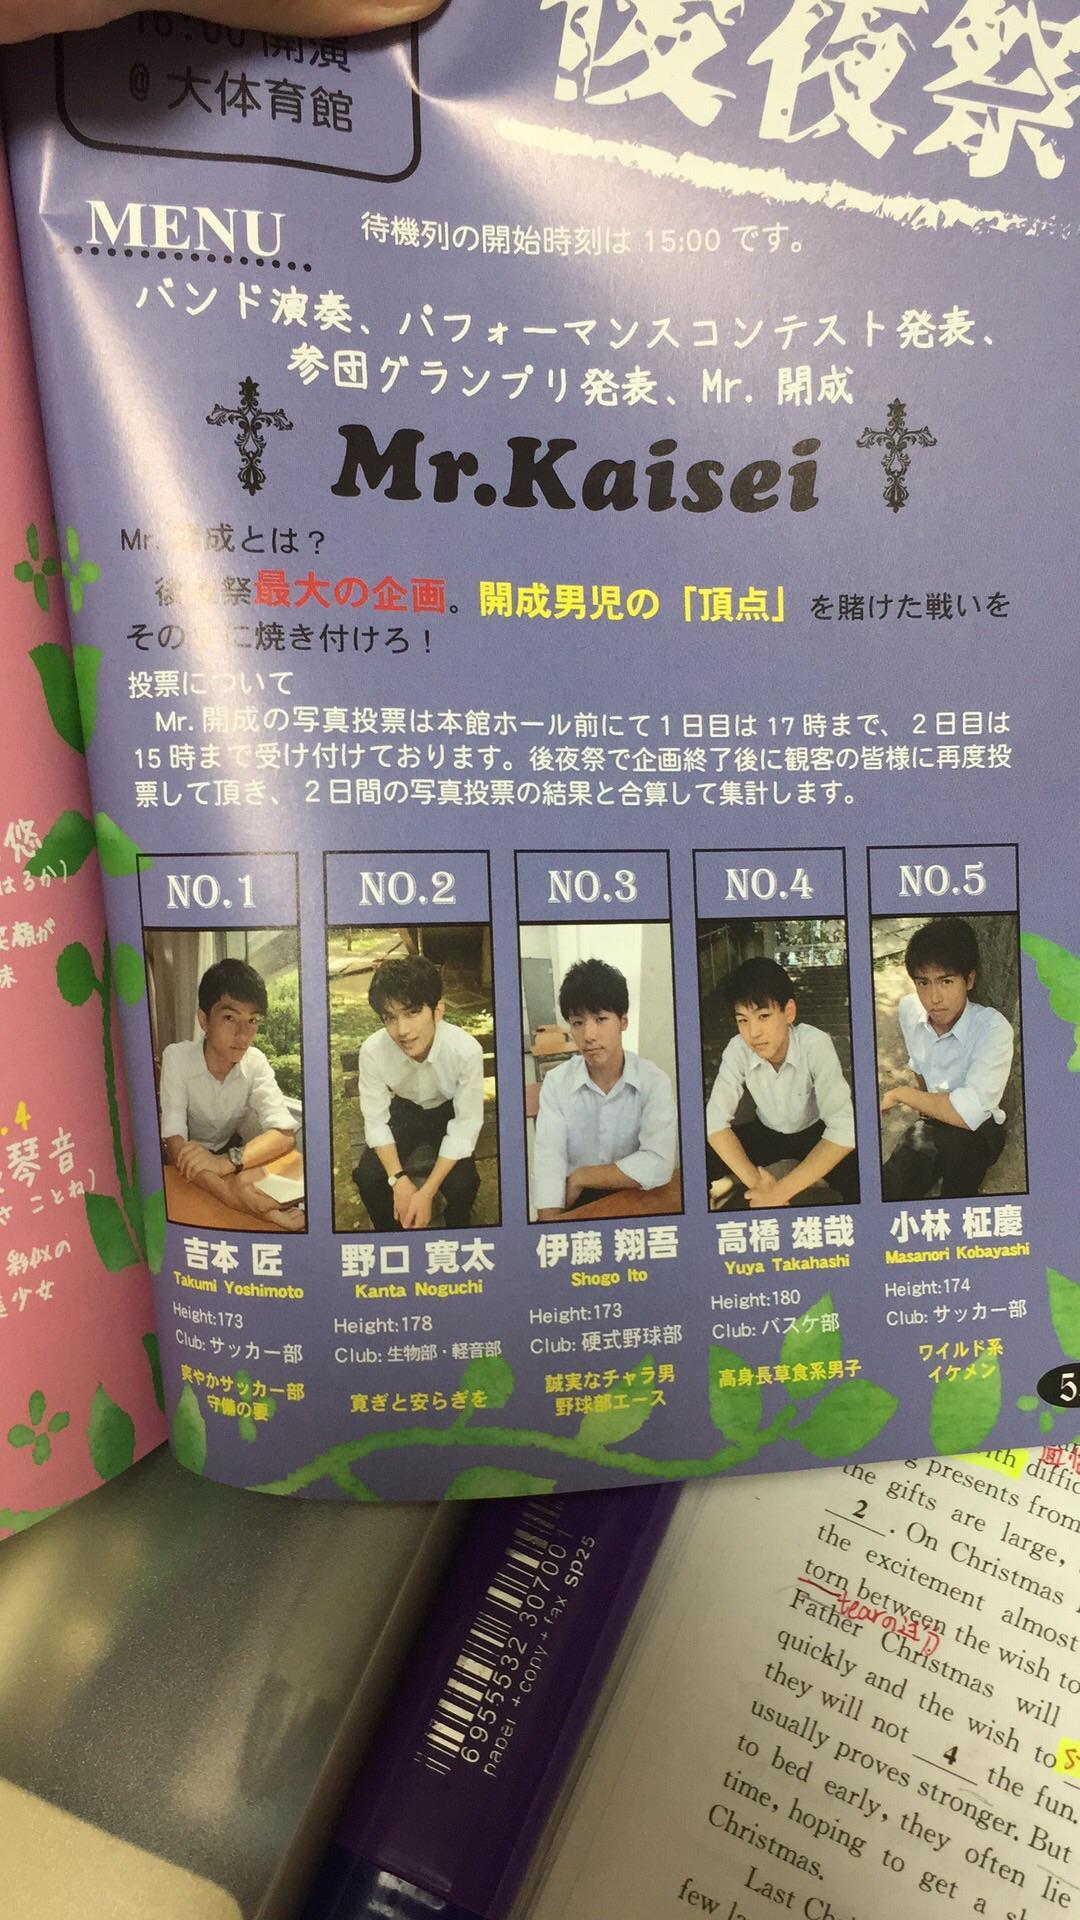 通过日本高考考上东京大学是样的体验?岛怎么样别墅黄沙图片